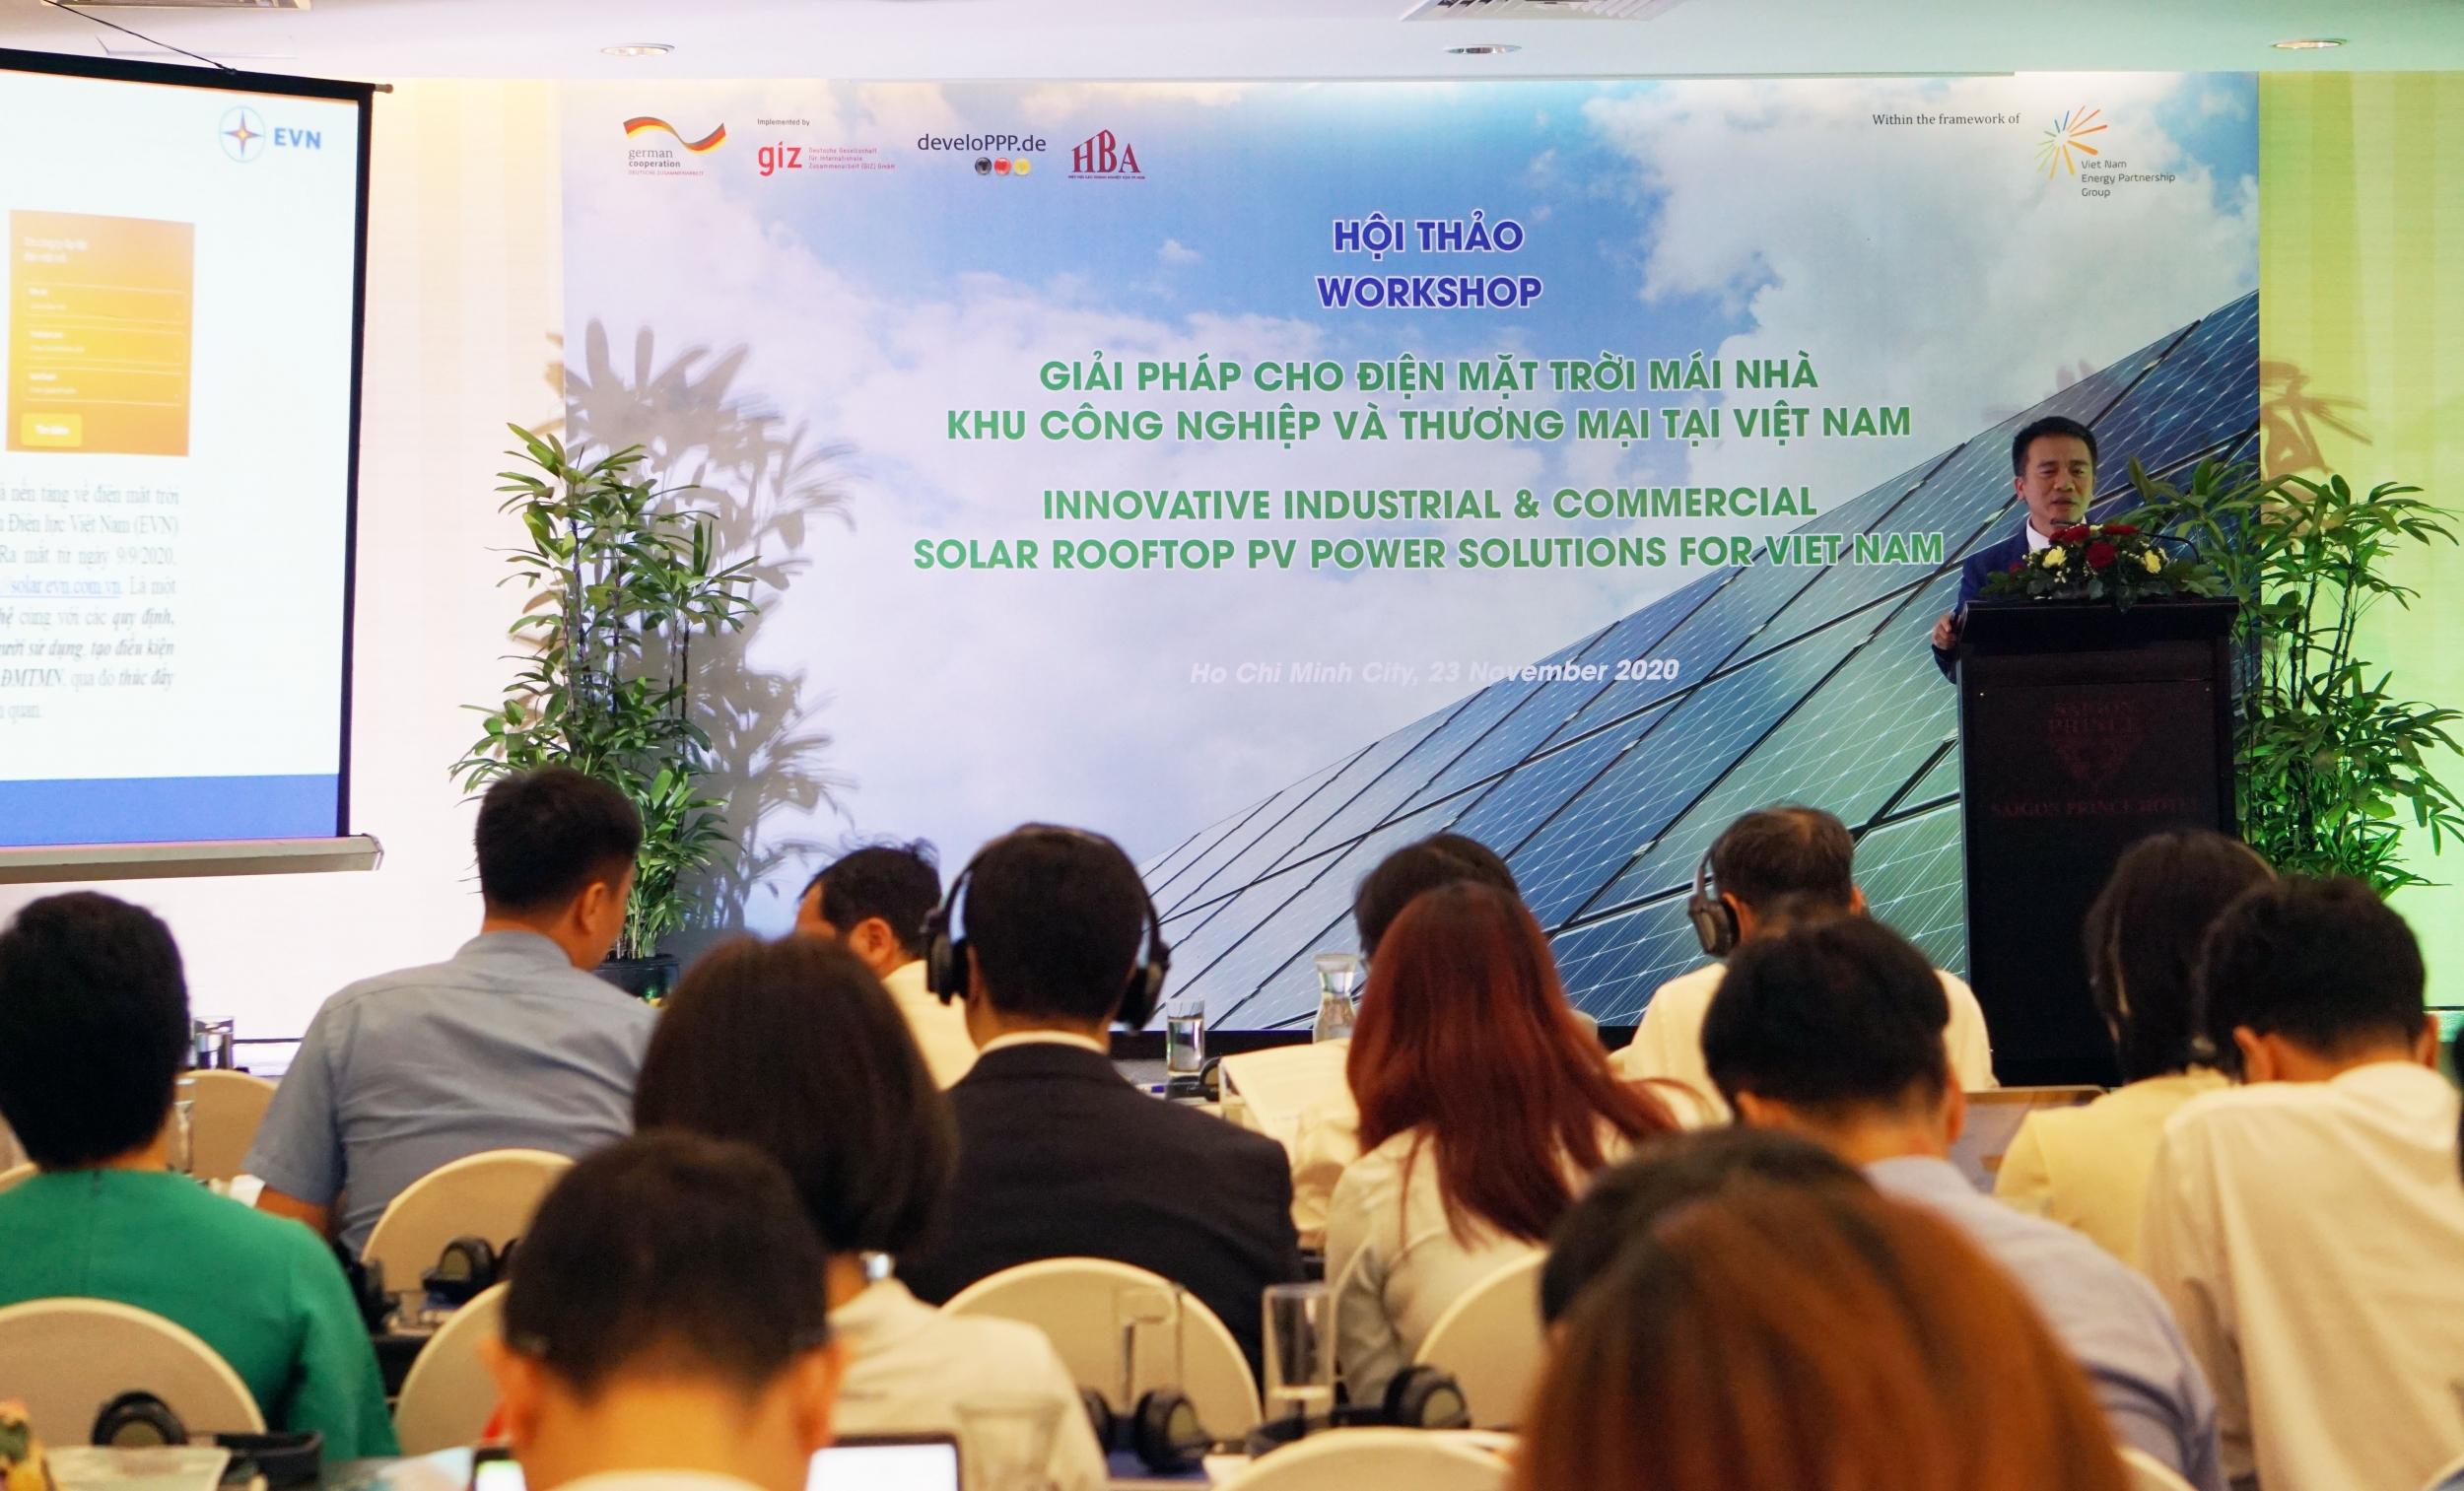 """Hội thảo """"Giải pháp cho Điện mặt trời mái nhà khu Công nghiệp và Thương mại tại Việt Nam""""."""